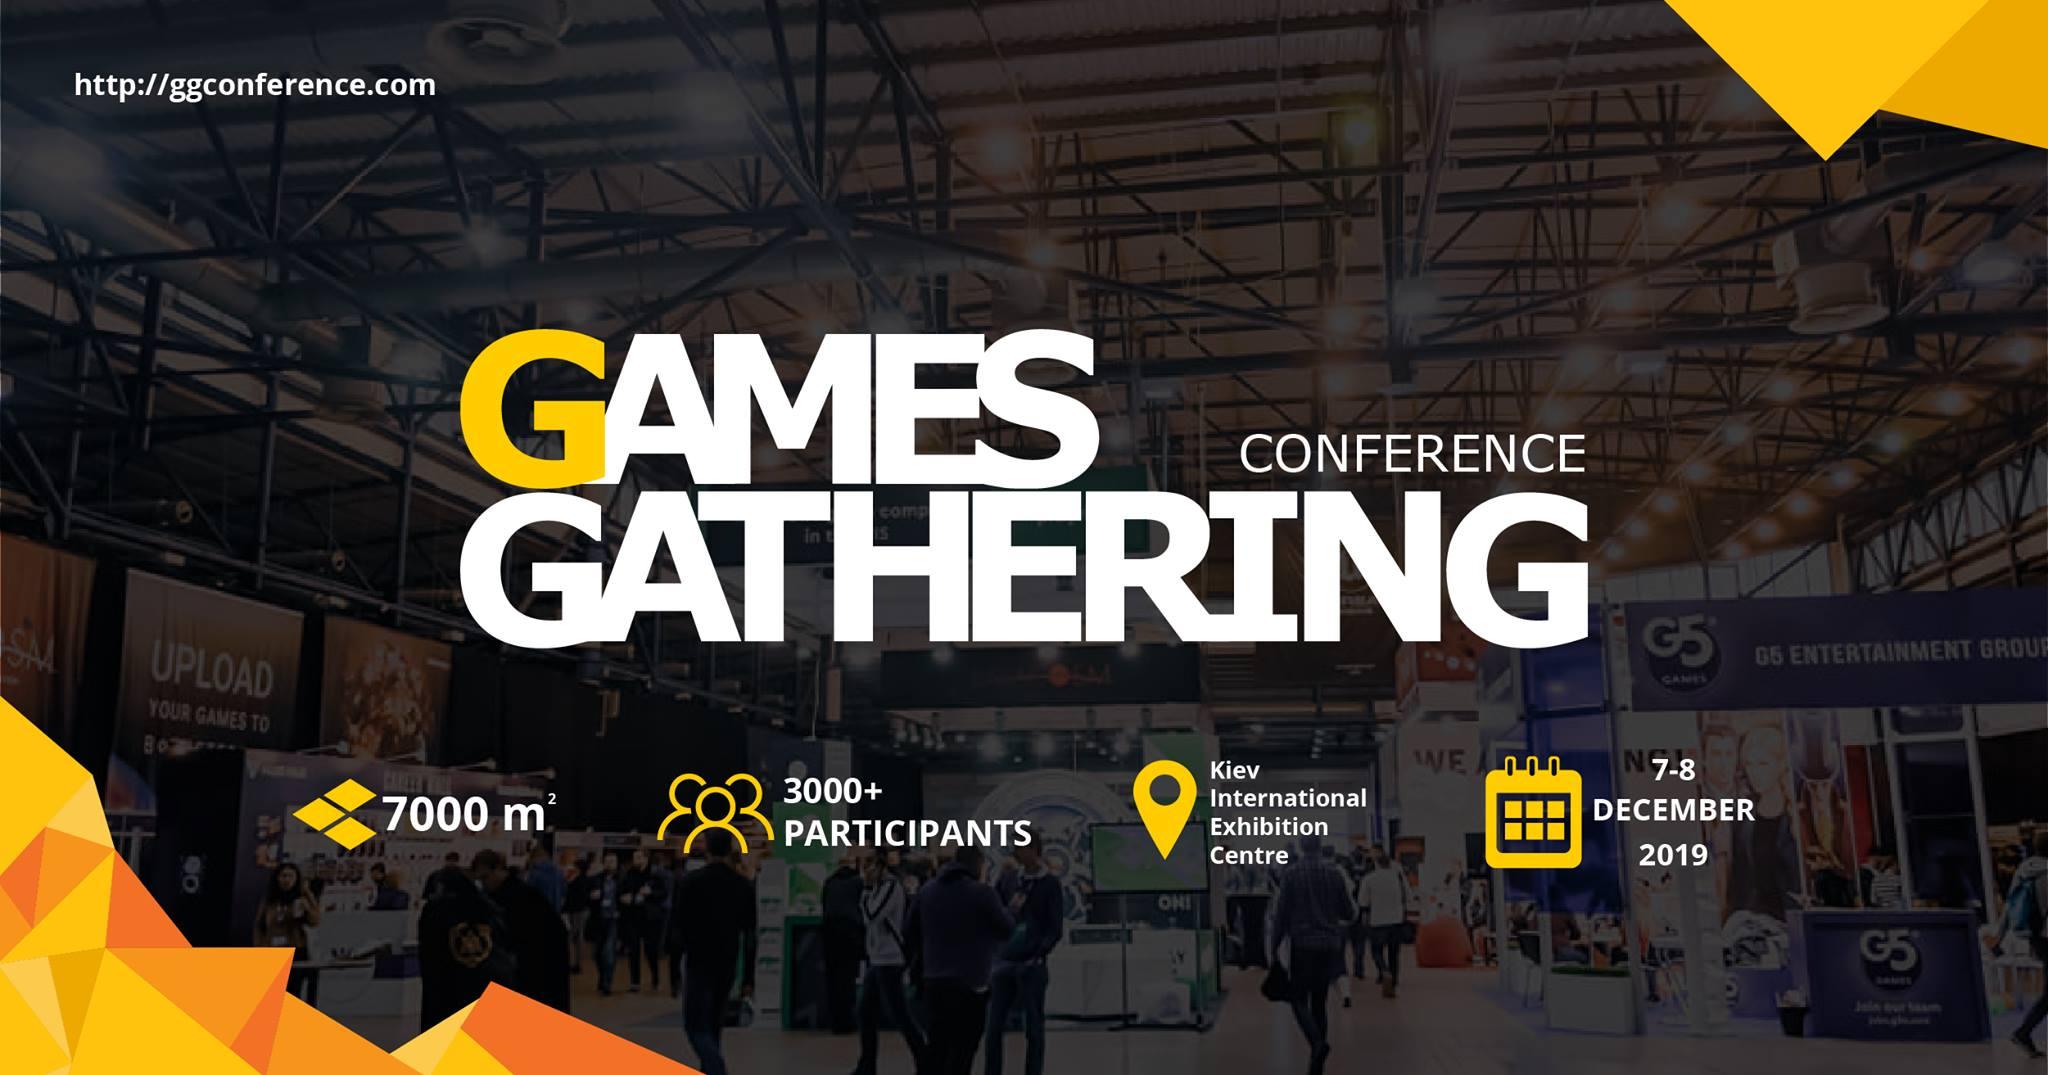 Games Gathering 2019